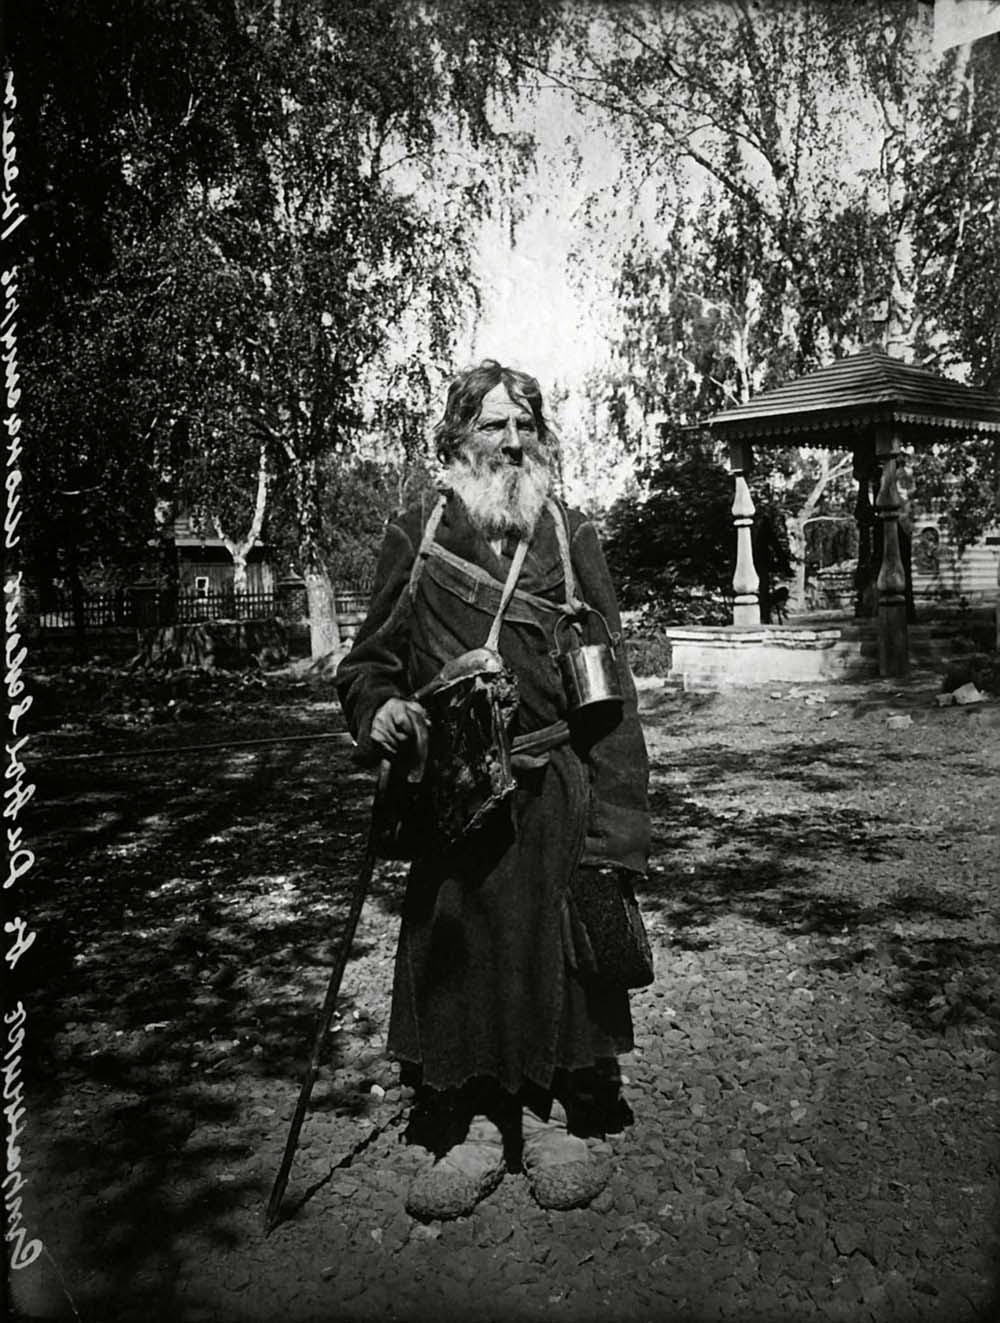 Странник в Серафимо-Дивеевском женском монастыре. Фото М.П. Дмитриева. 1904 г.